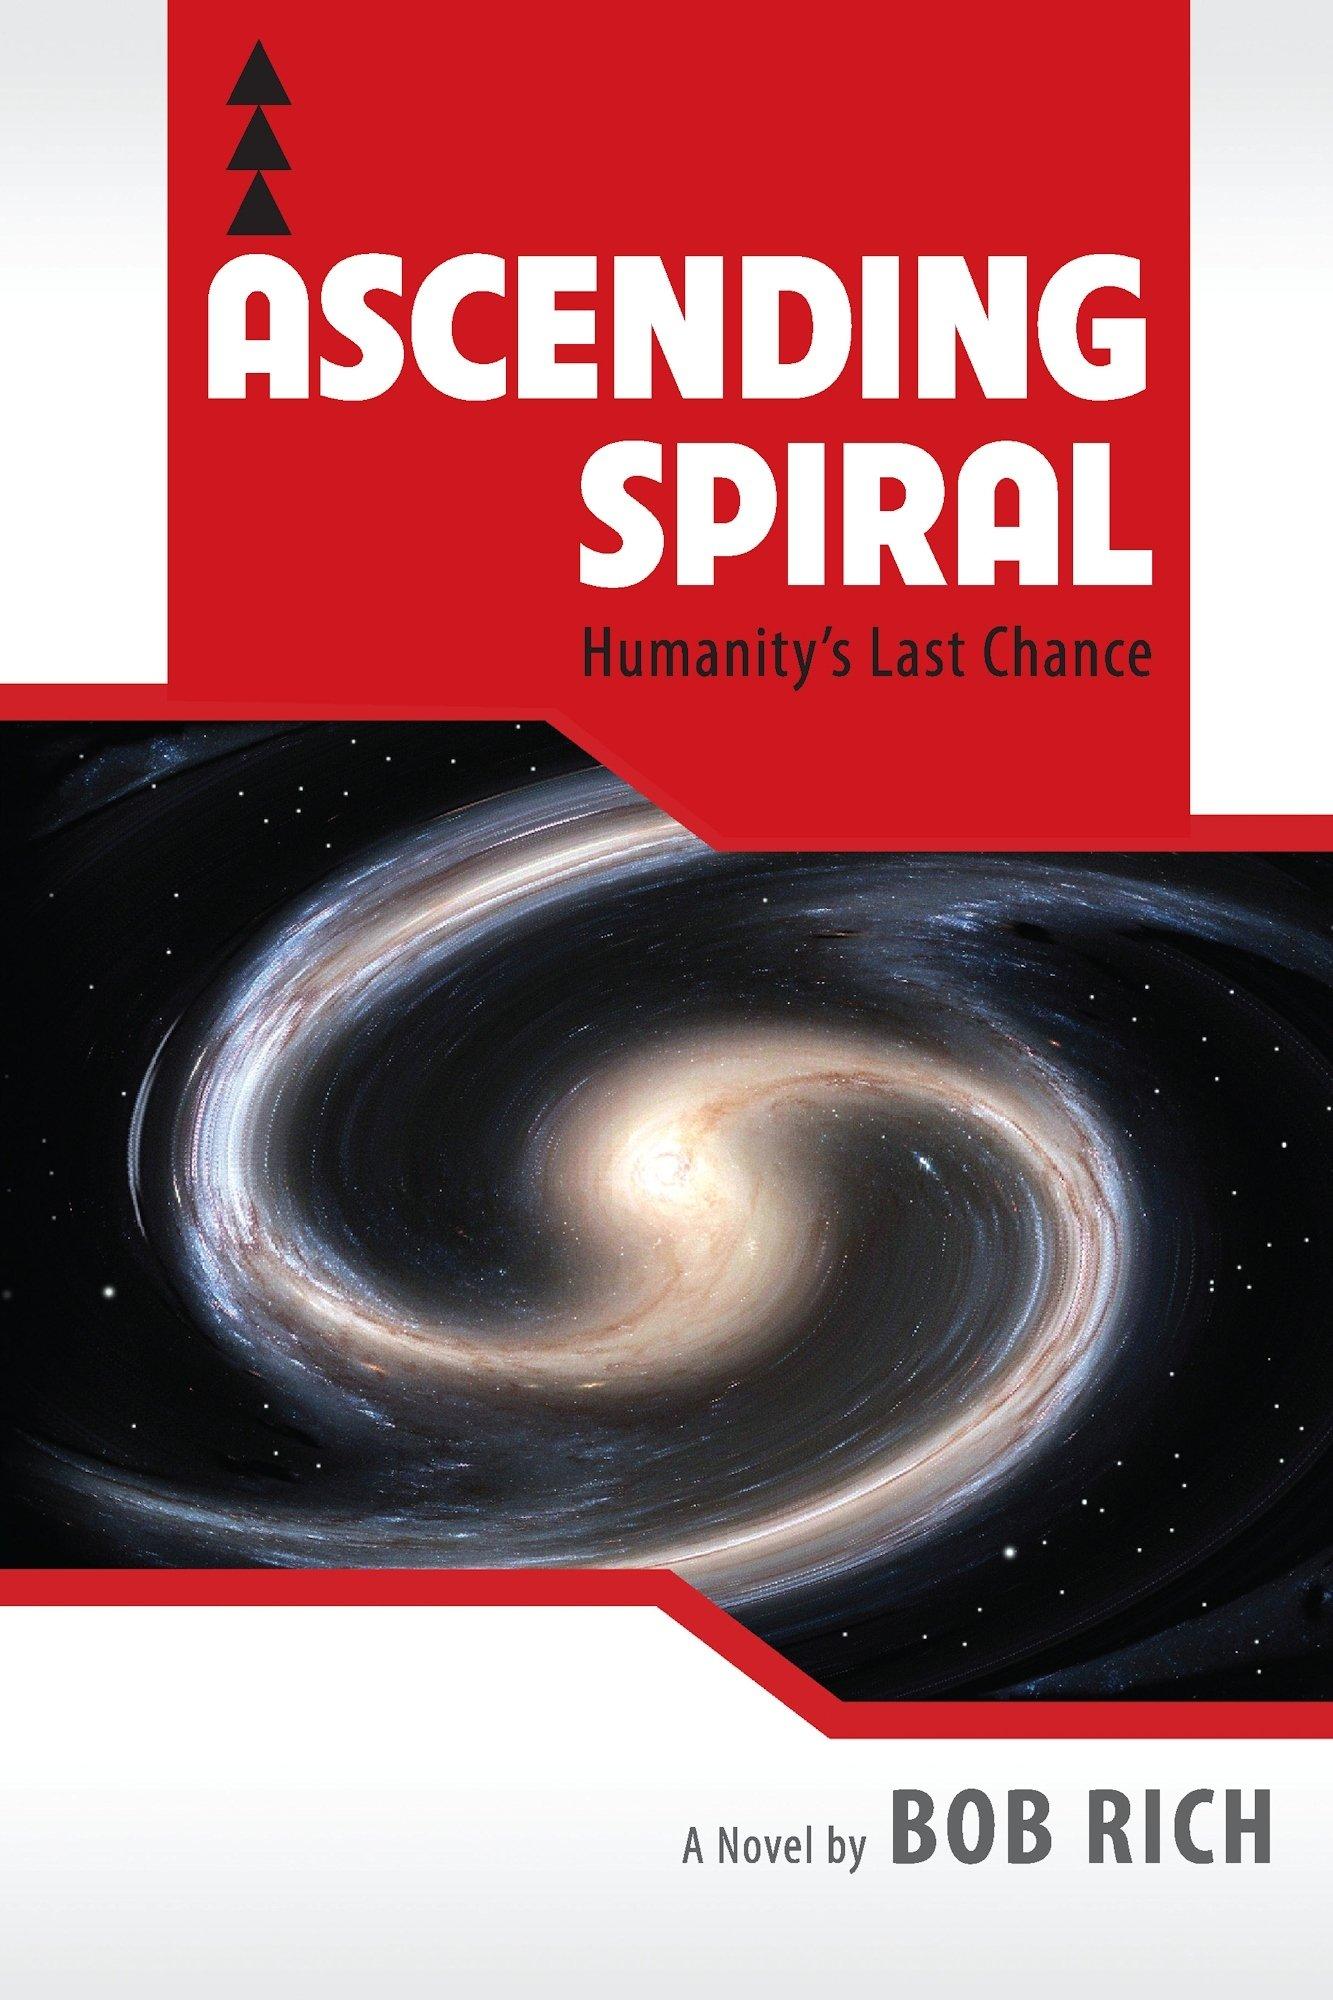 Ascending Spiral 978-1-61599-186-0